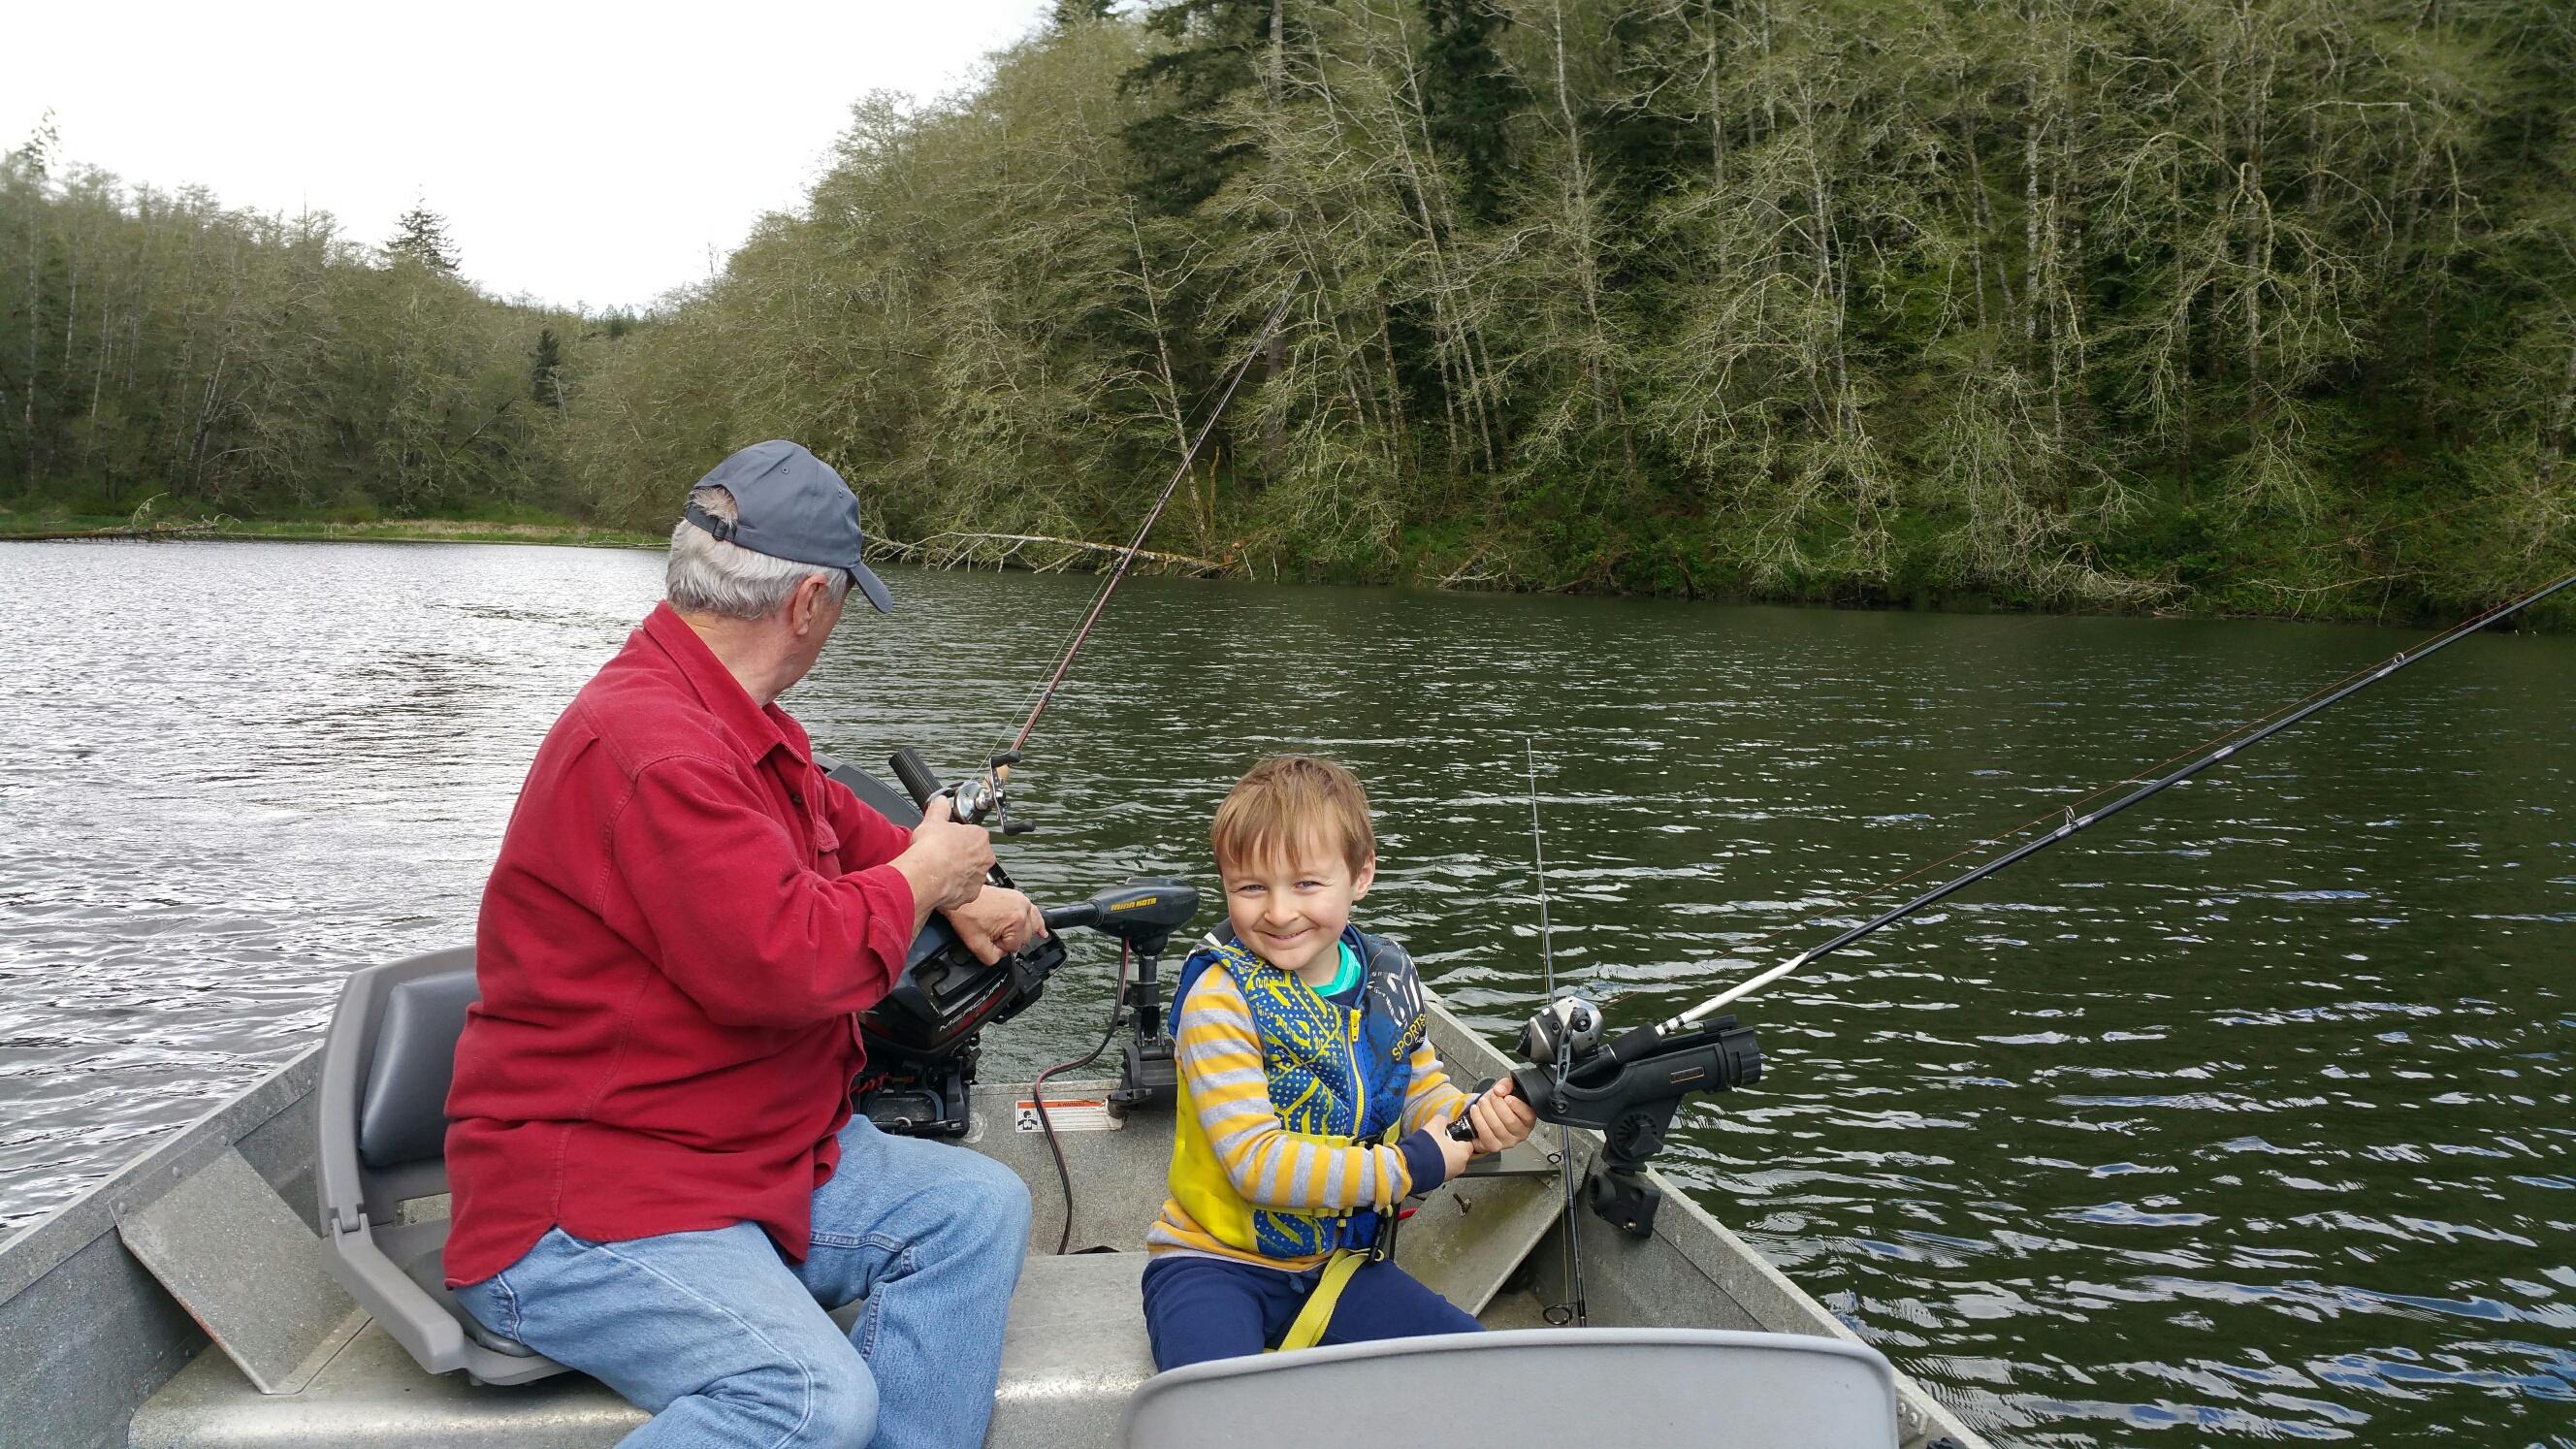 Trout fishing at aberdeen lake graysharbortalk for Fishing lake washington